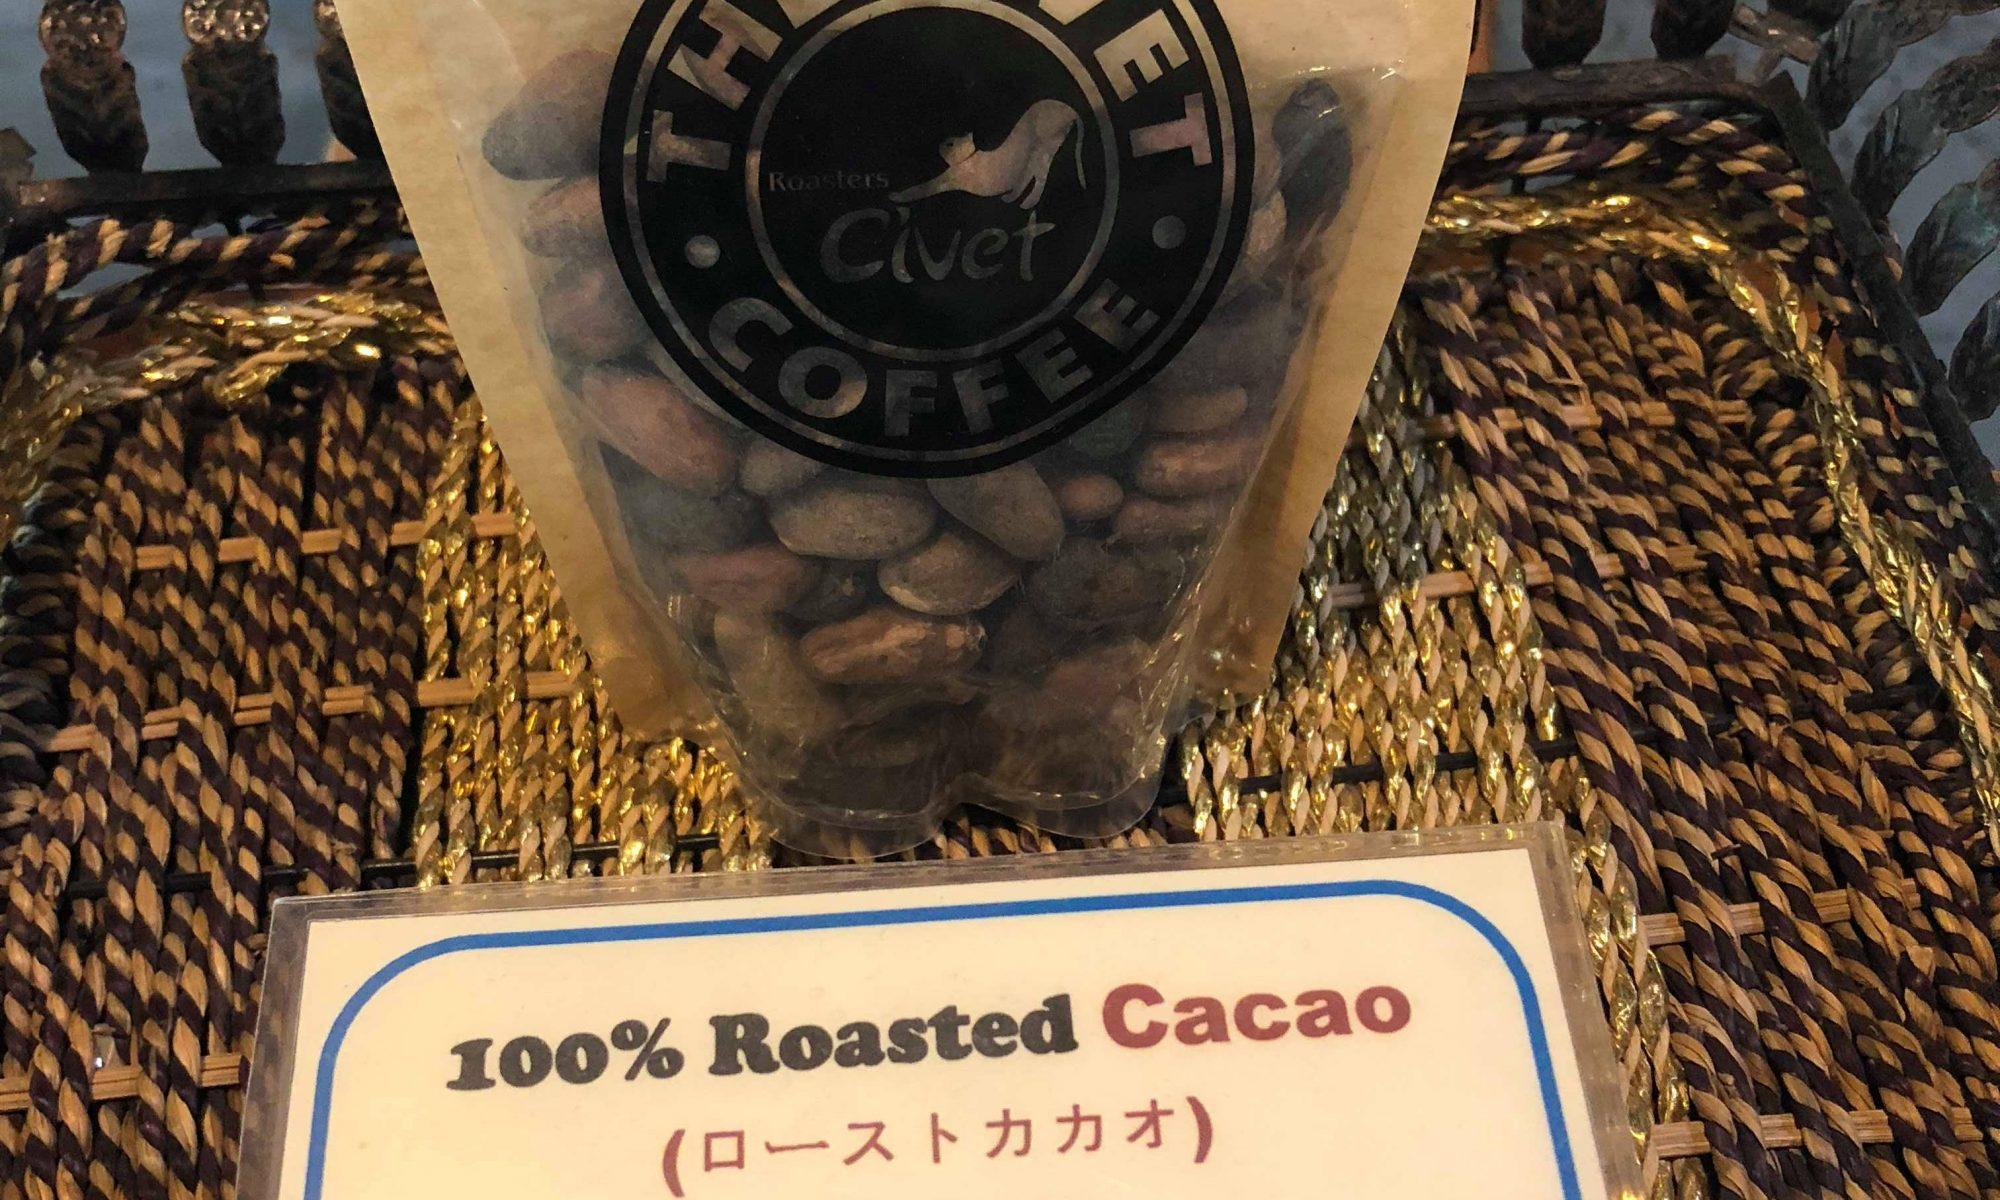 世界一高いコーヒーが飲める「THE CIVET COFFE」